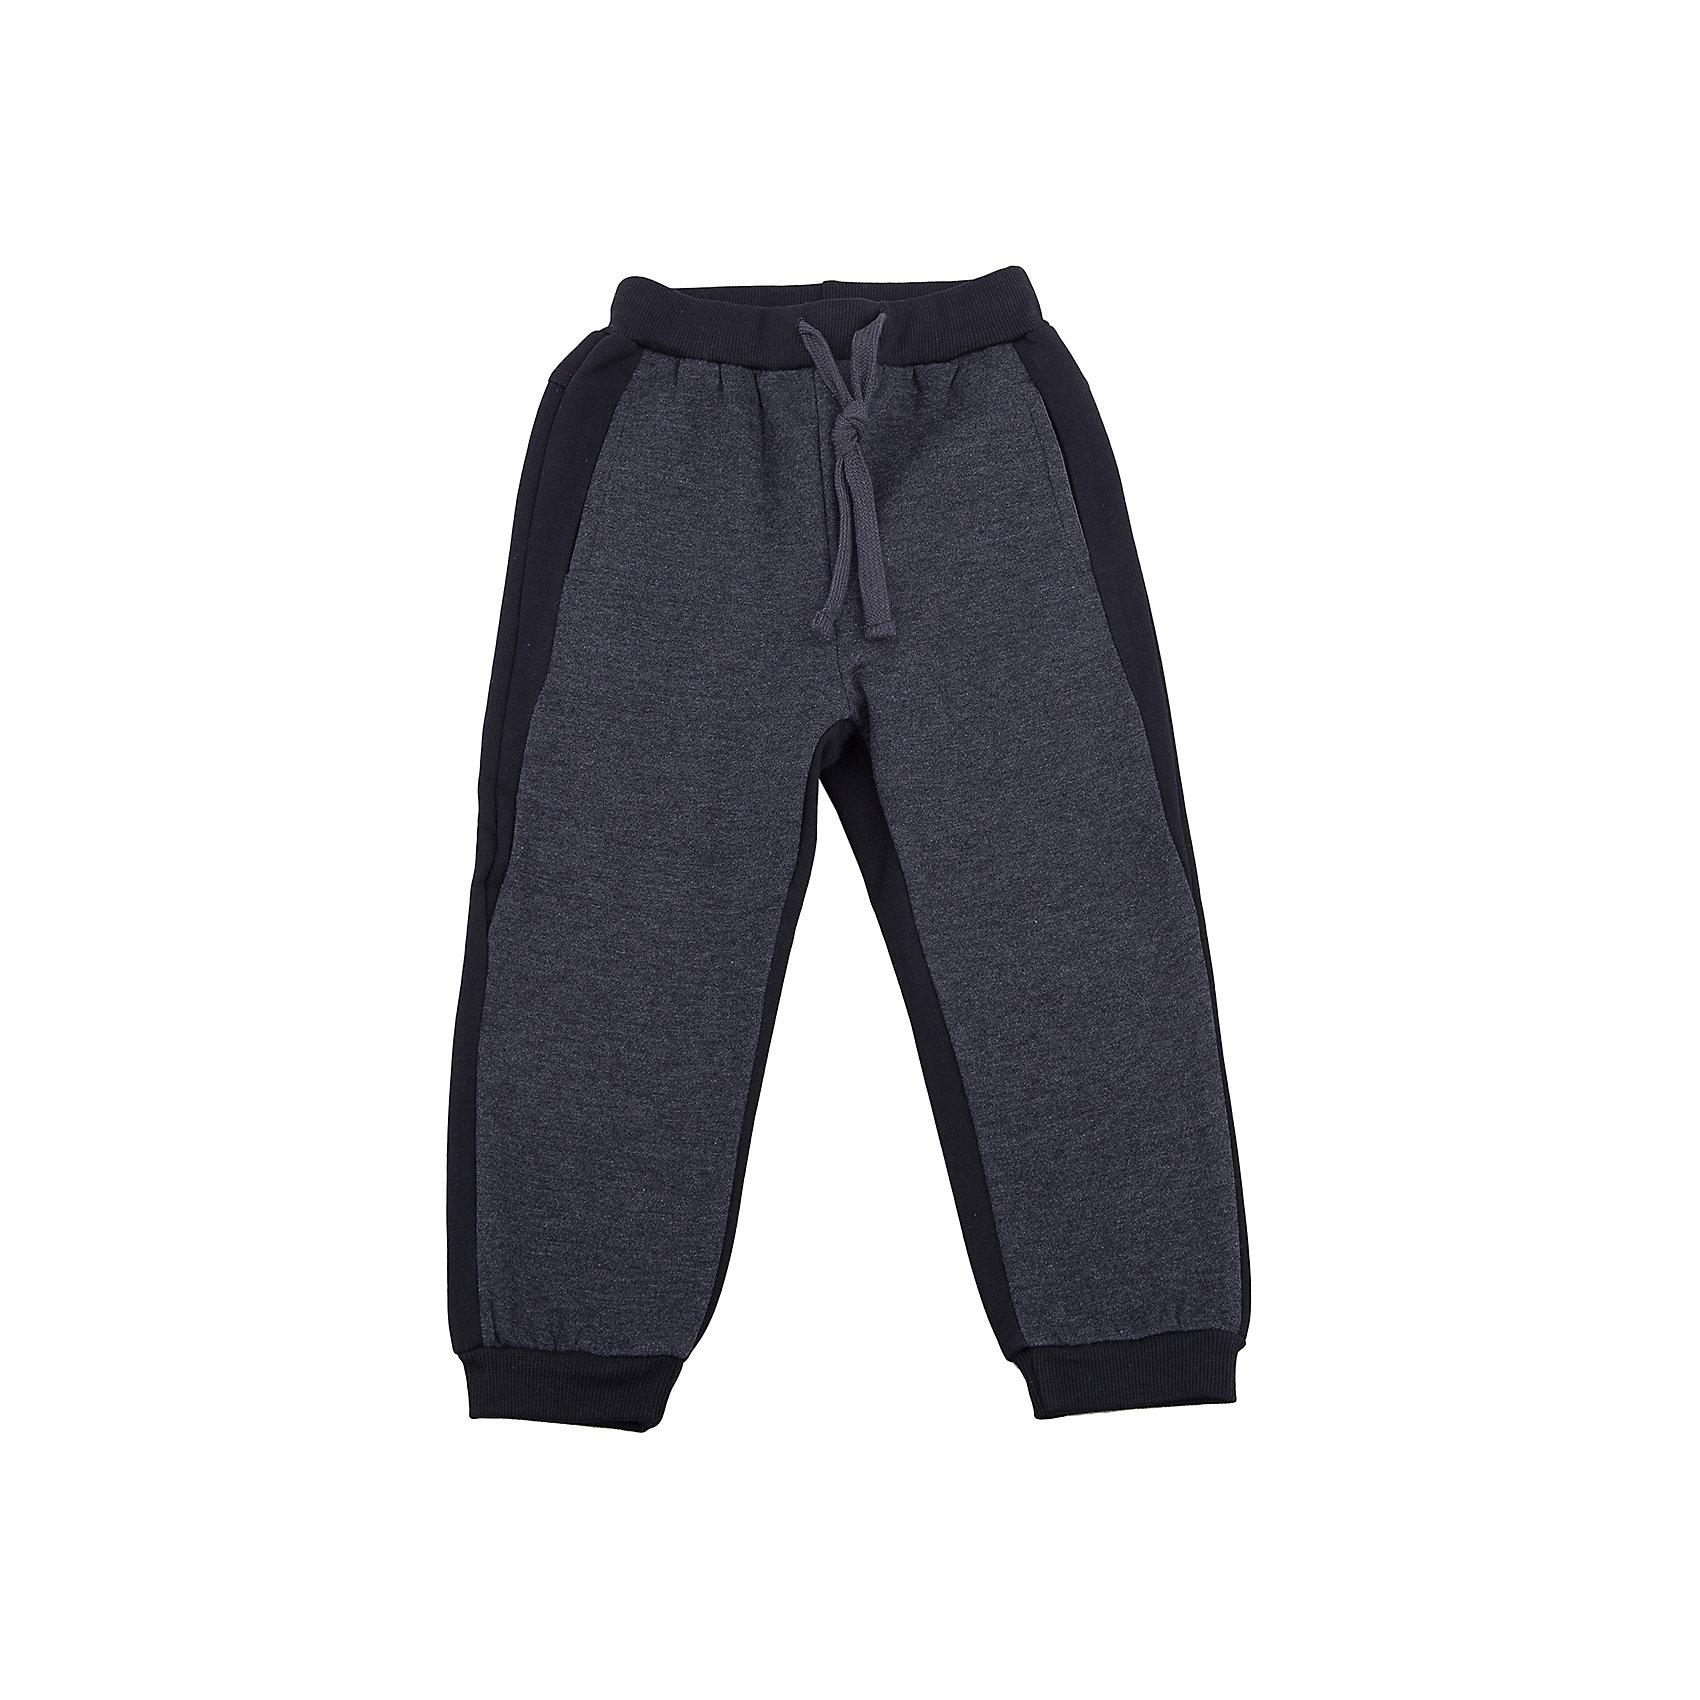 Брюки PlayToday для мальчикаБрюки<br>Брюки PlayToday для мальчика<br>Удобные брюки с начесом. Пояс модели на широкой удобной резинке, дополненной регулируемым шнуром - кулиской. Низ штанин на манжетах. Свободный крой не сковывает движений ребенка.<br>Состав:<br>65% хлопок, 35% полиэстер<br><br>Ширина мм: 215<br>Глубина мм: 88<br>Высота мм: 191<br>Вес г: 336<br>Цвет: белый<br>Возраст от месяцев: 84<br>Возраст до месяцев: 96<br>Пол: Мужской<br>Возраст: Детский<br>Размер: 128,98,104,110,116,122<br>SKU: 7111470